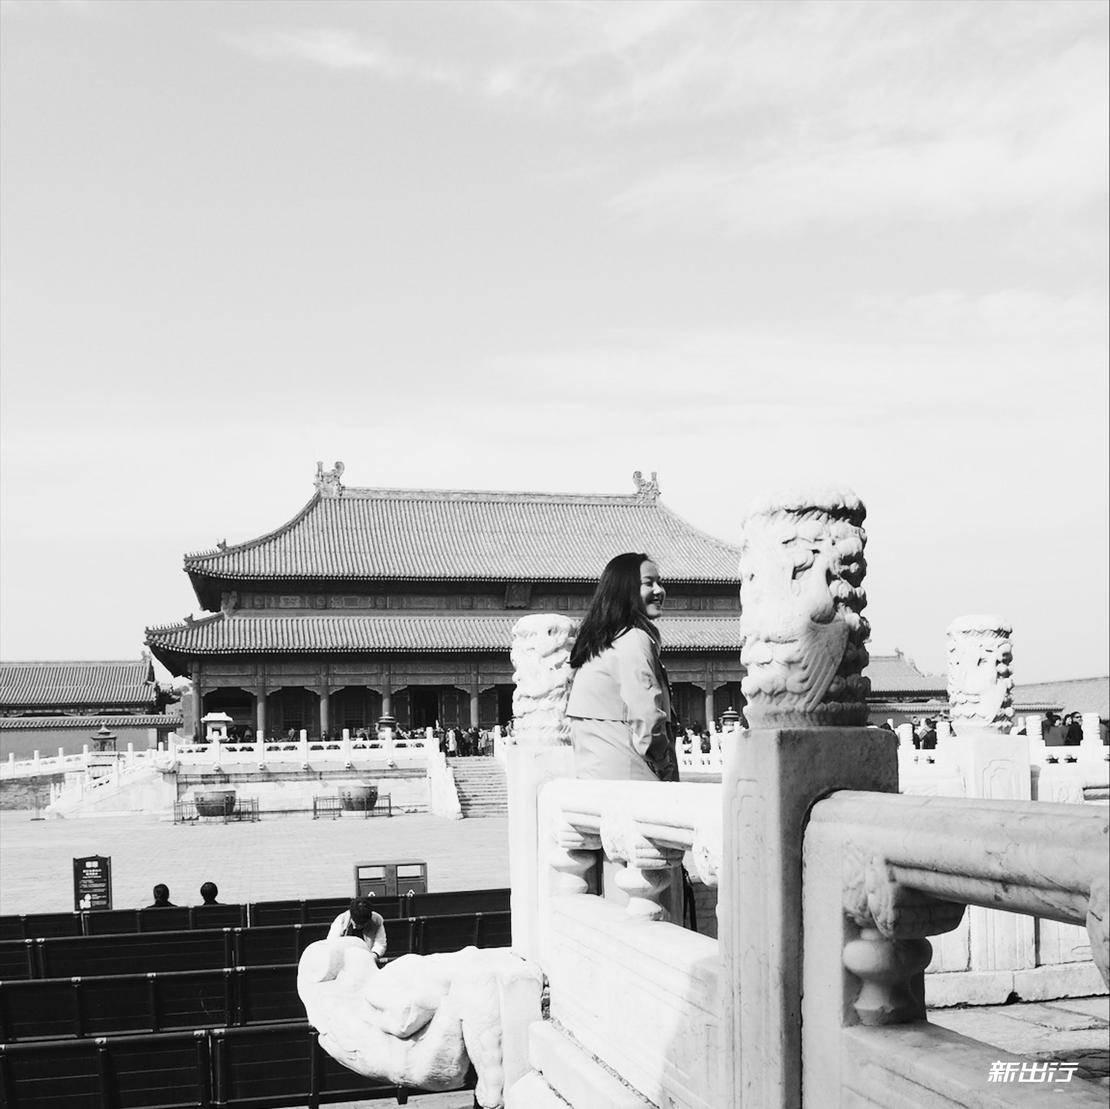 故宫-32.jpg